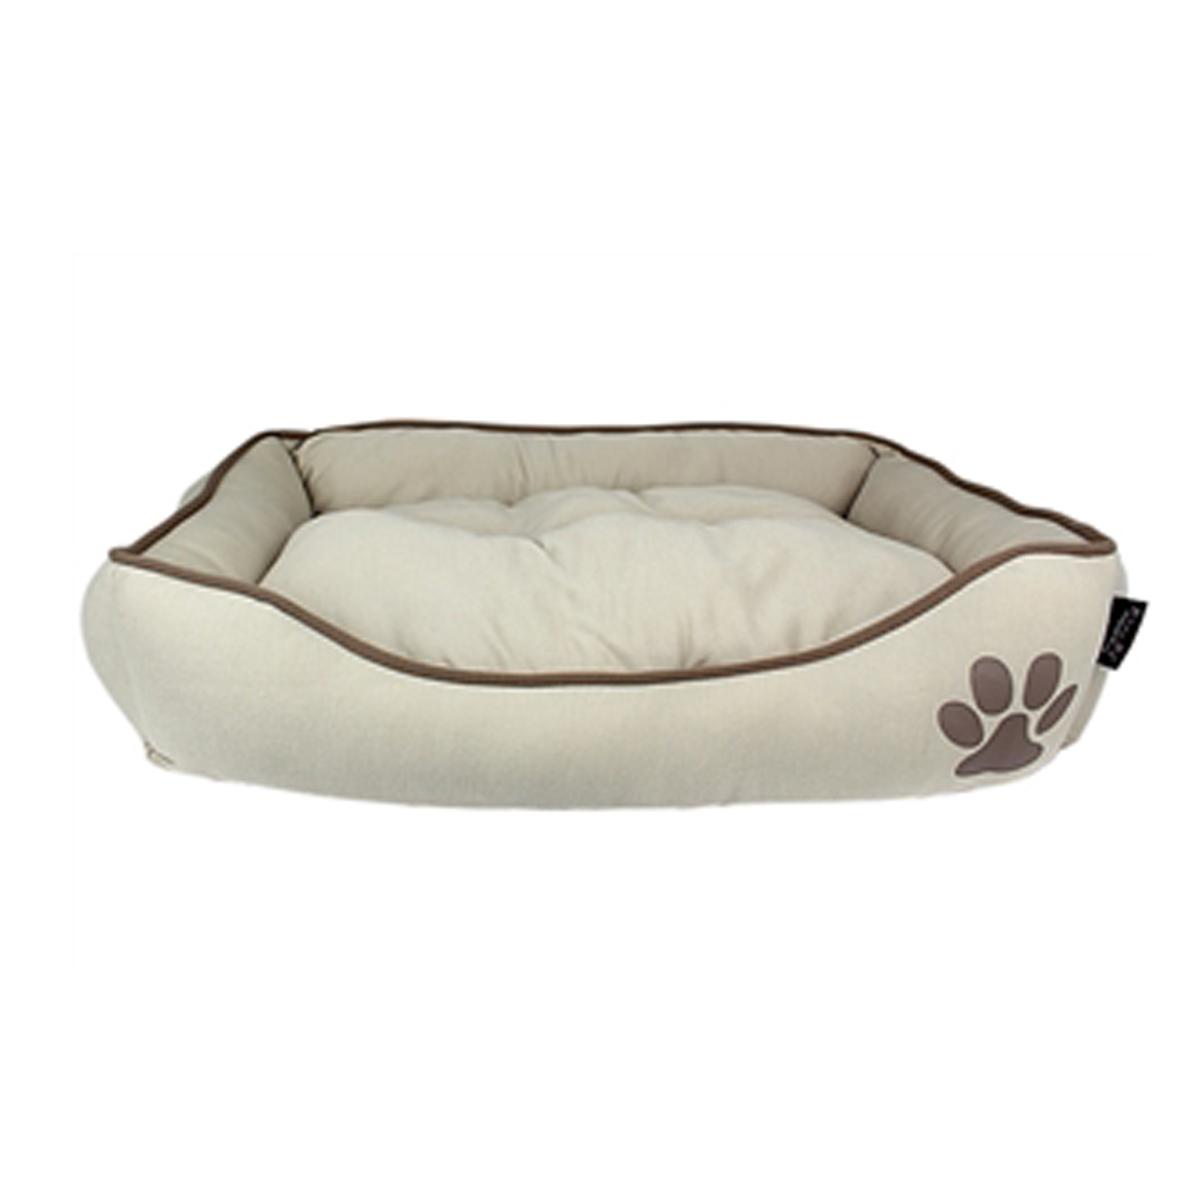 Parisian Pet Earth Dog Bed - Khaki